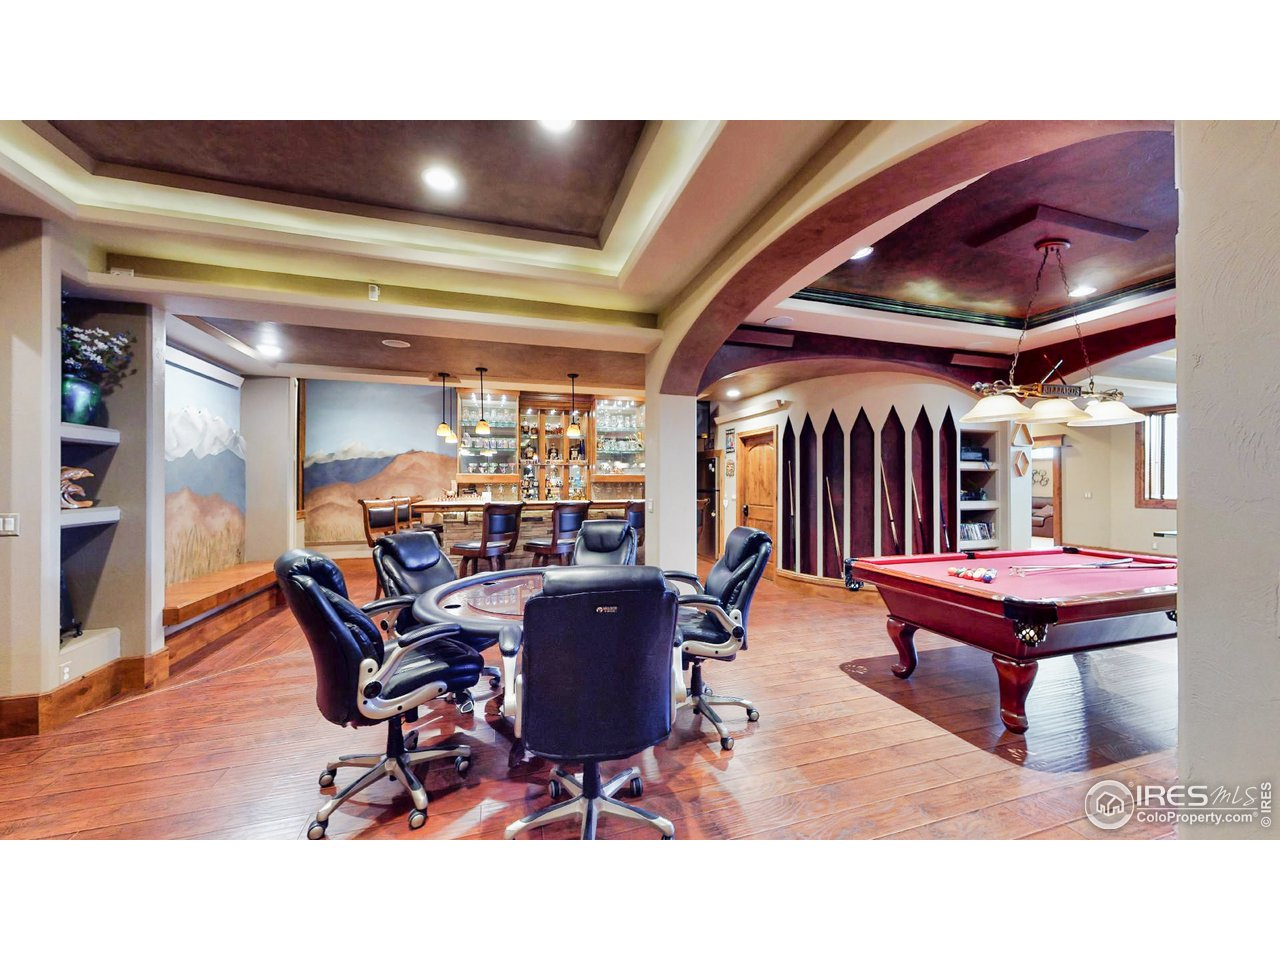 Recreation Room 10' Ceilings